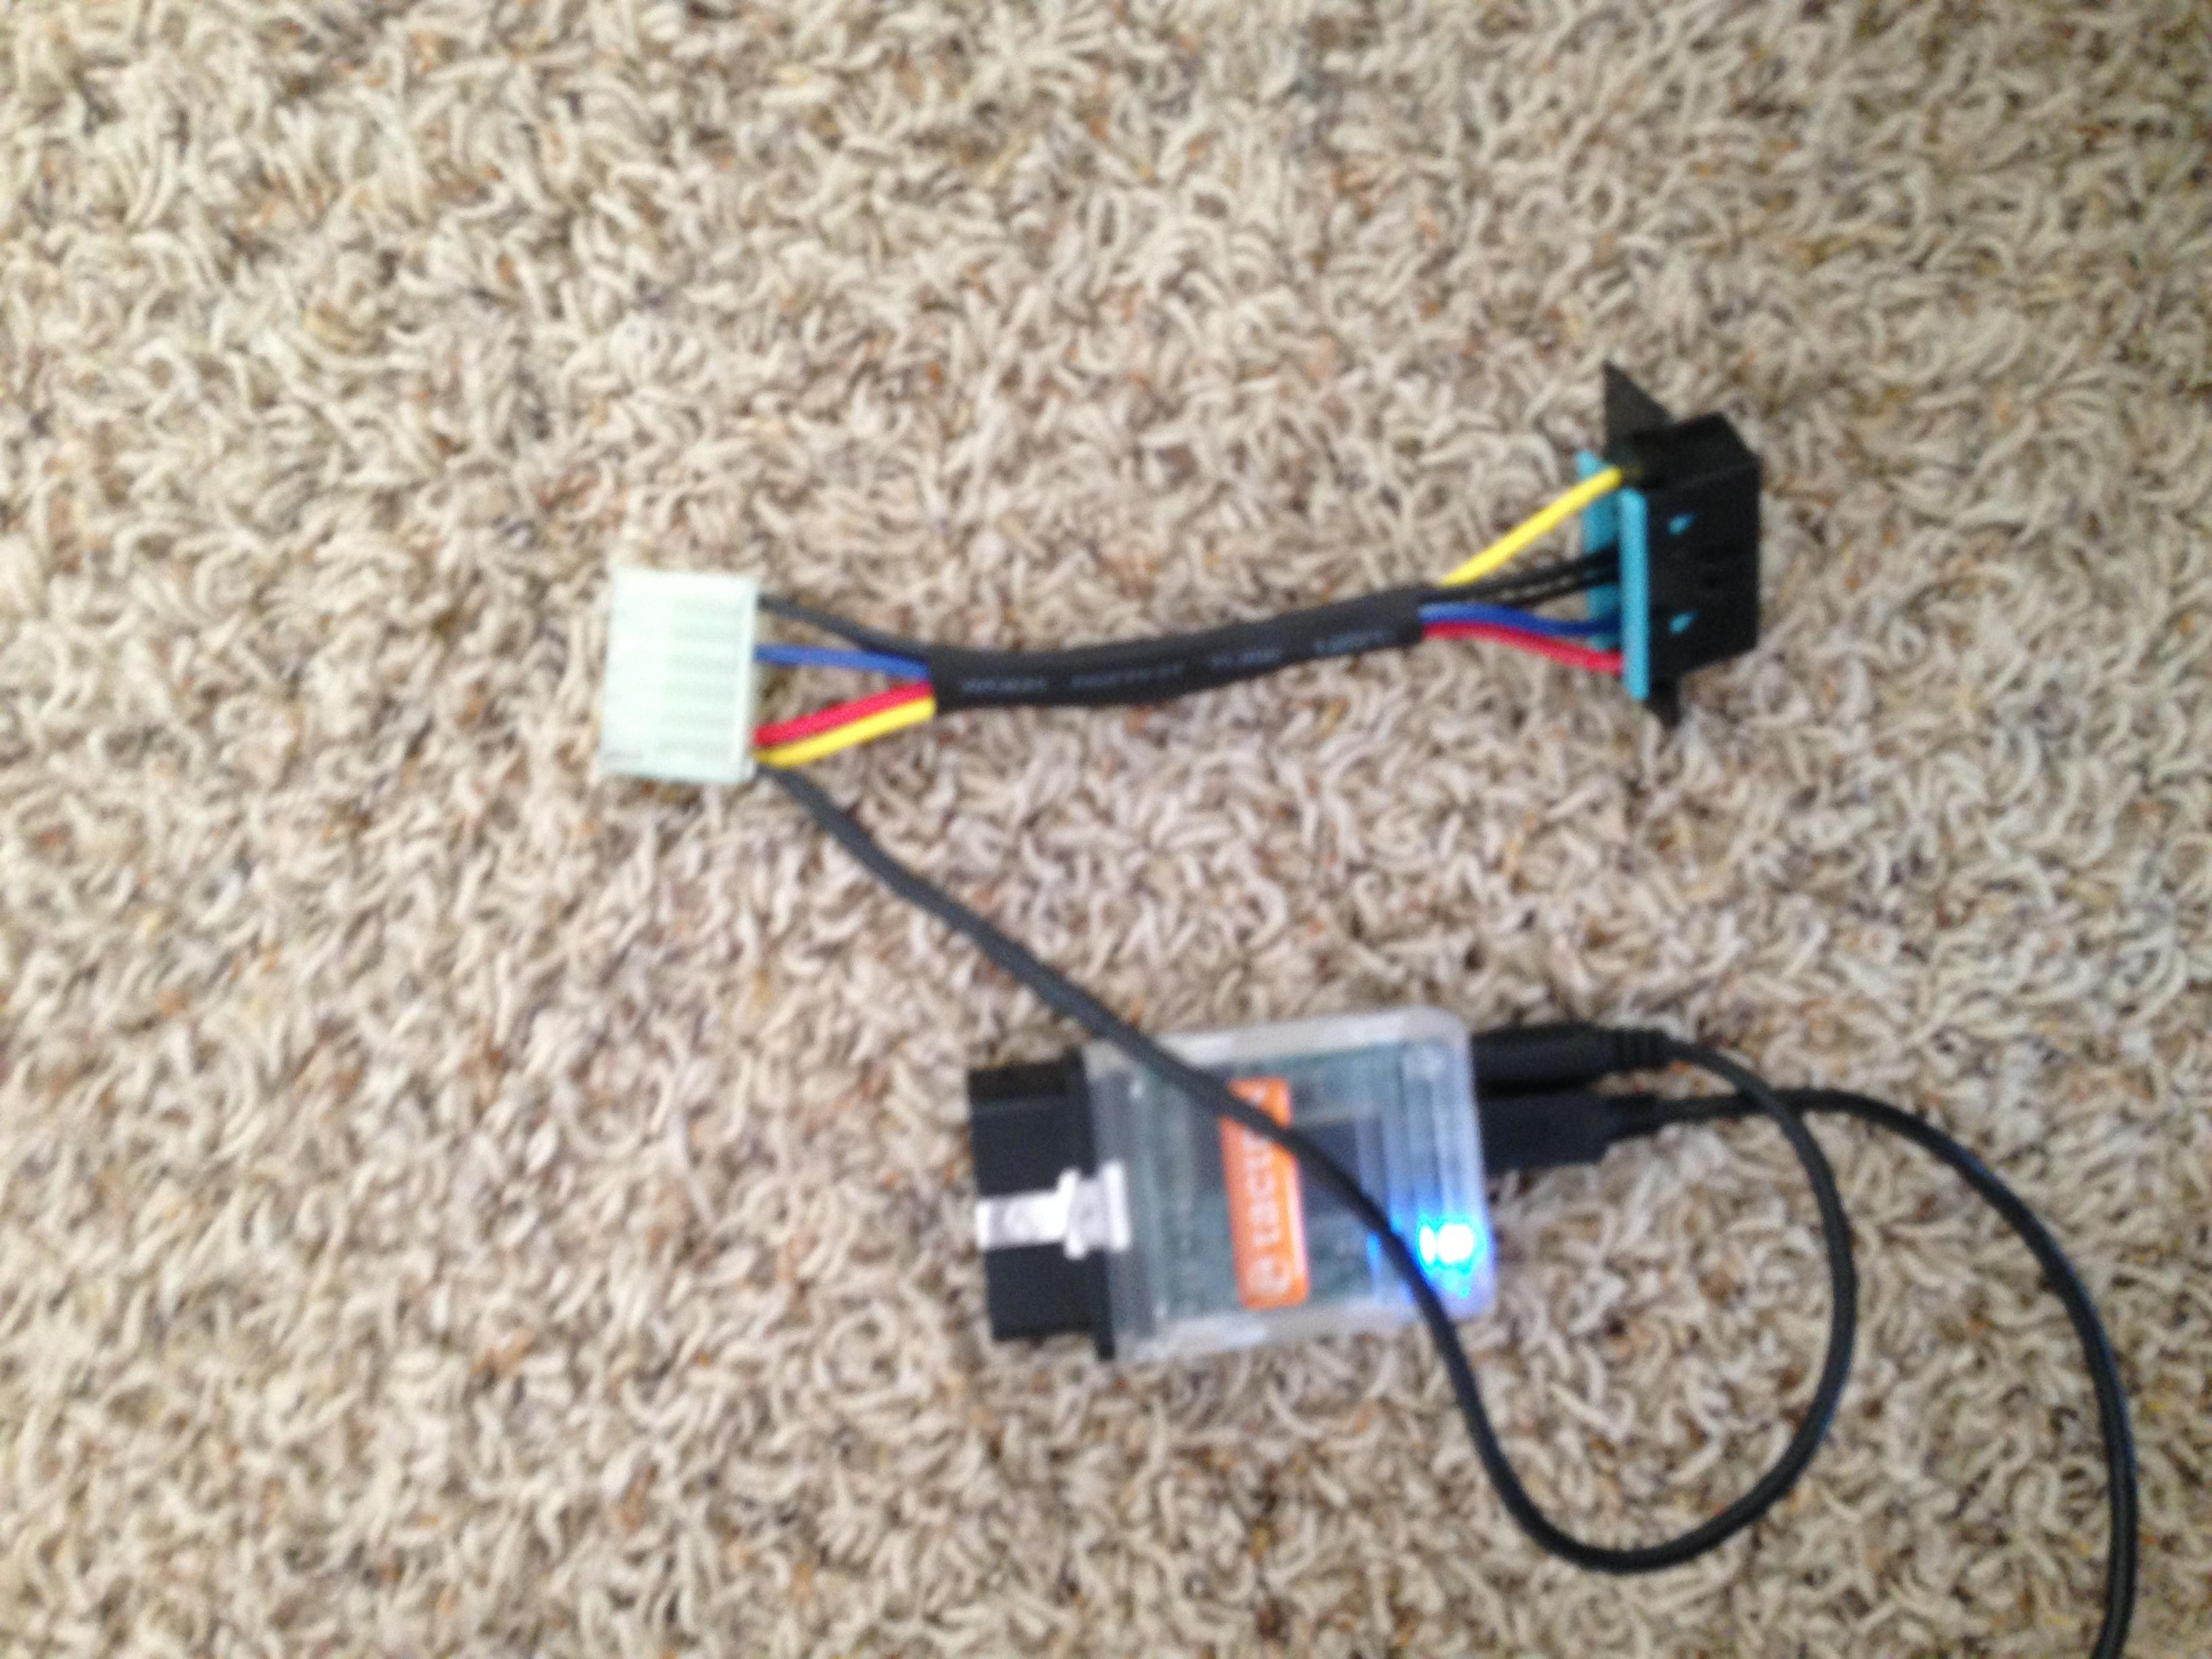 Chromedecu org | 91-93 US VR4 Version 1 Plug and Play Flash